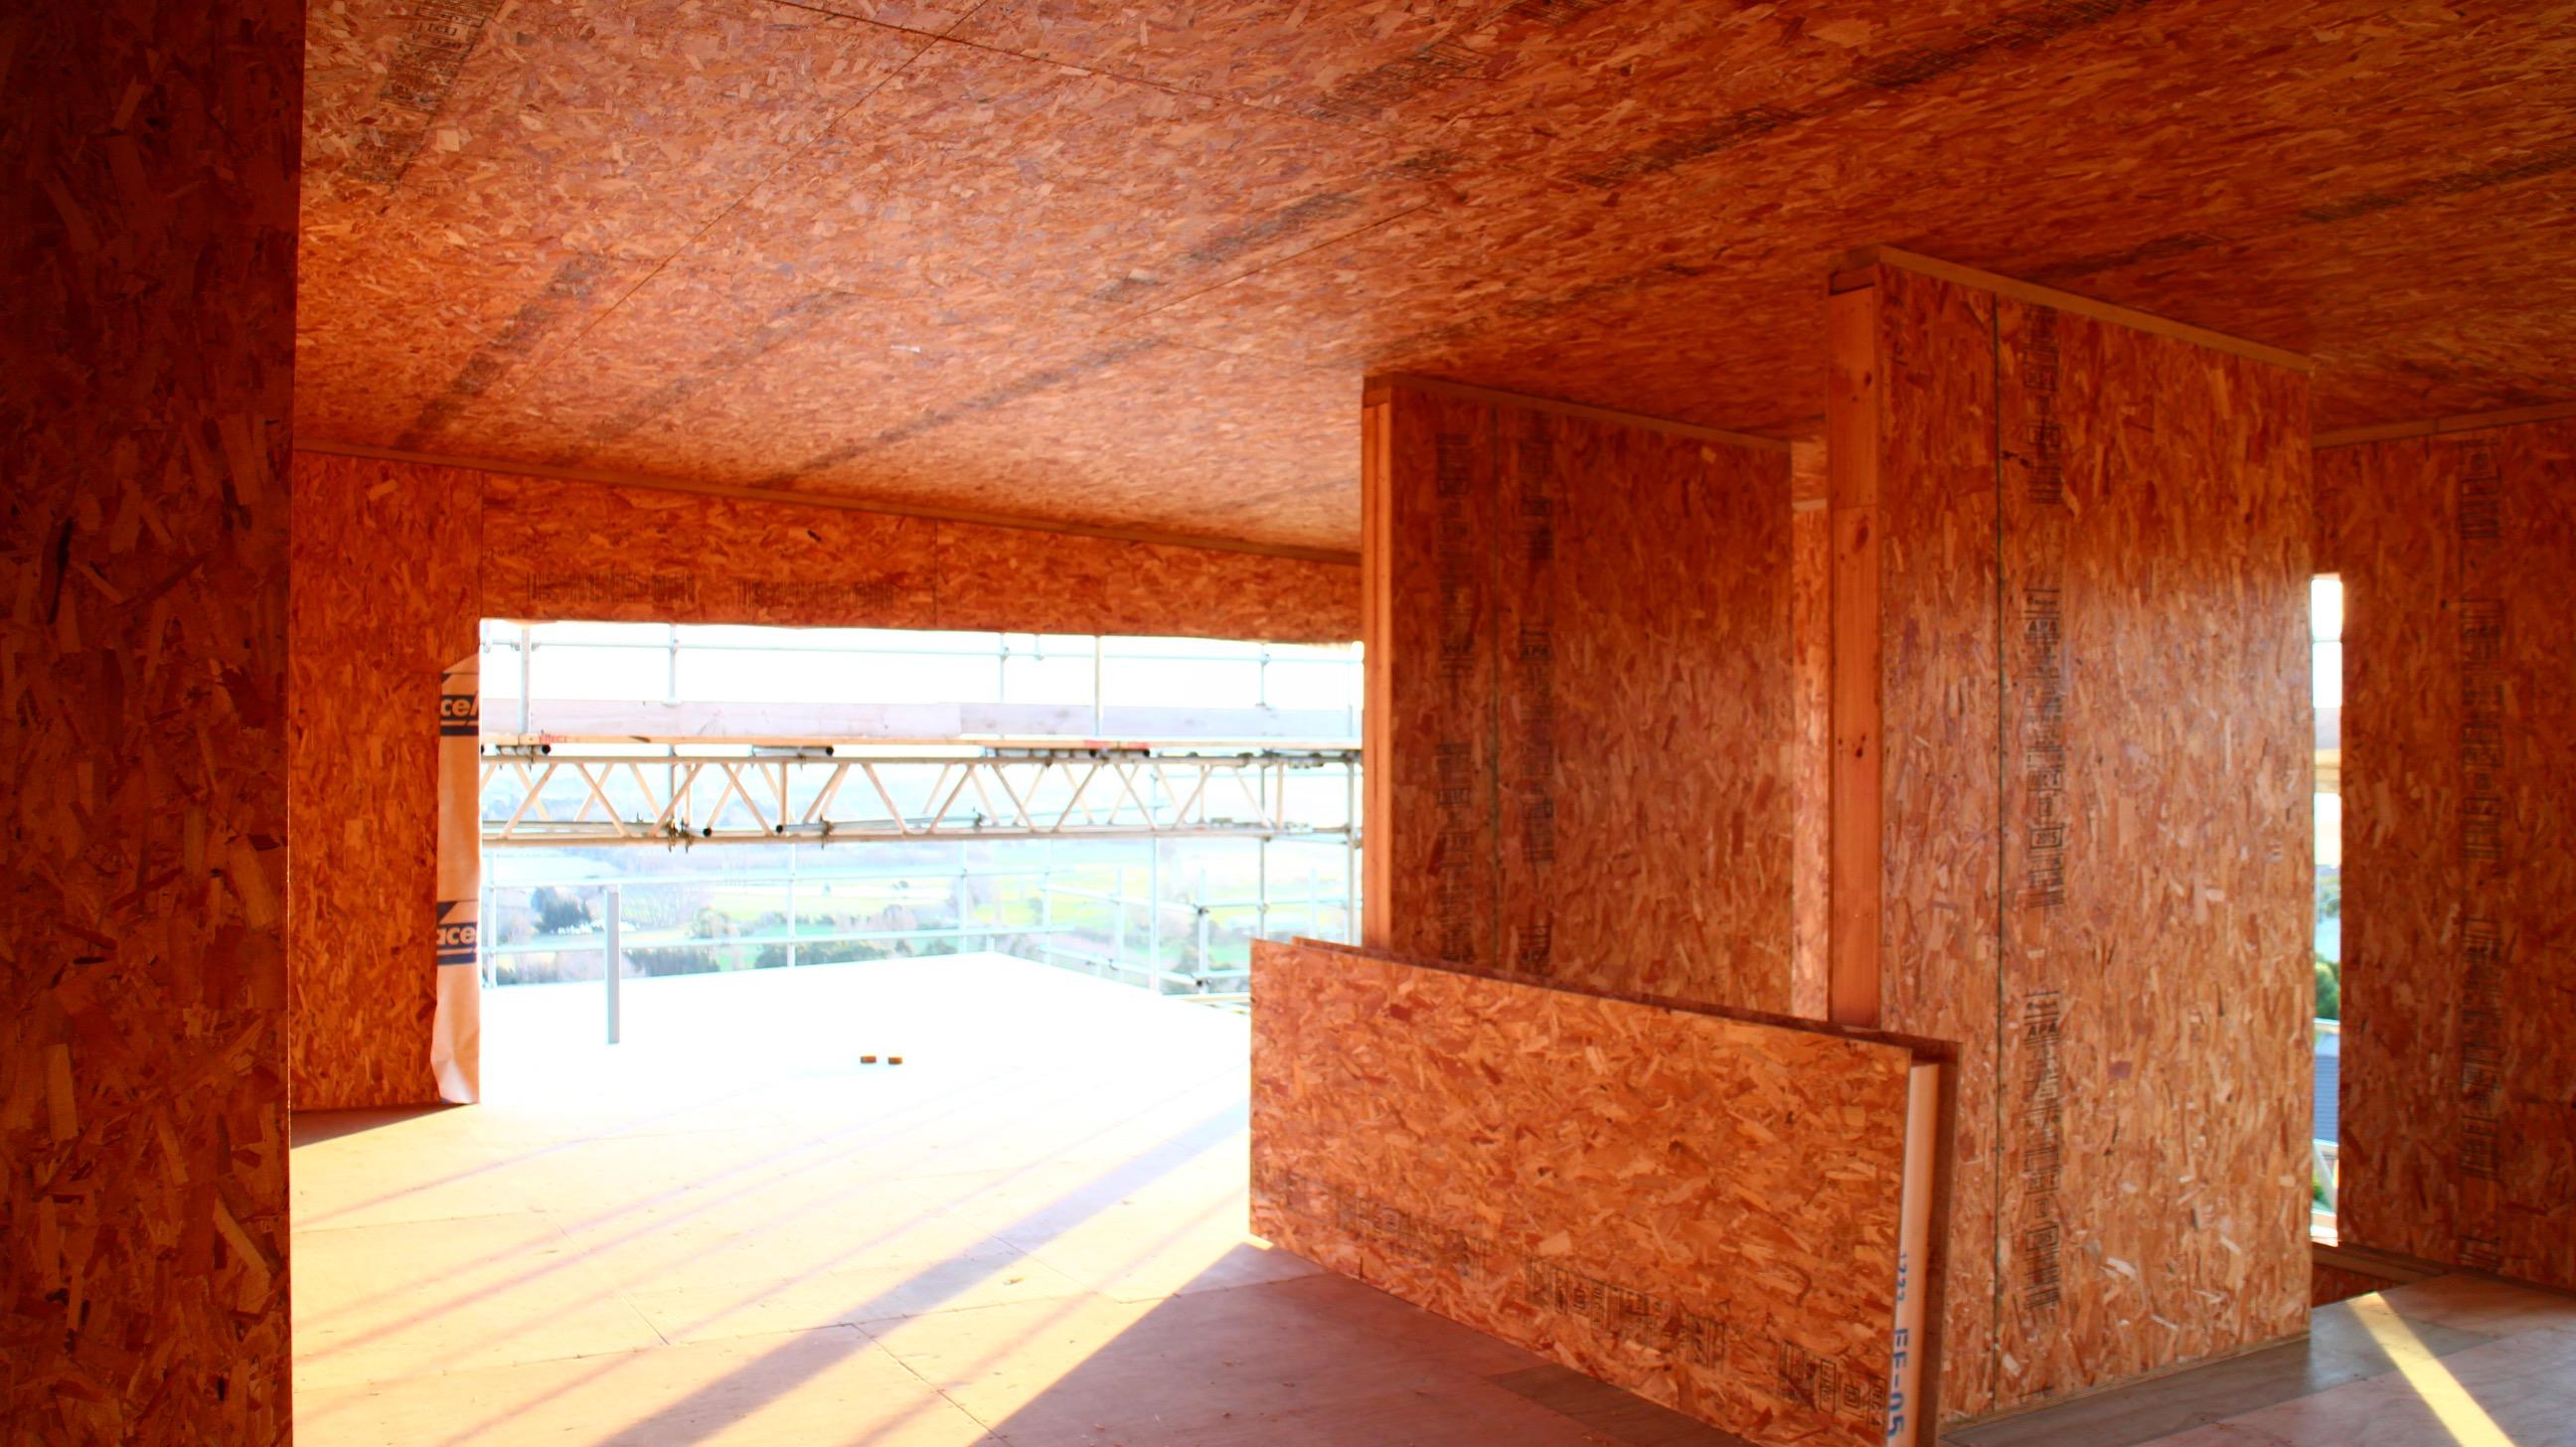 Ceiling upper floor